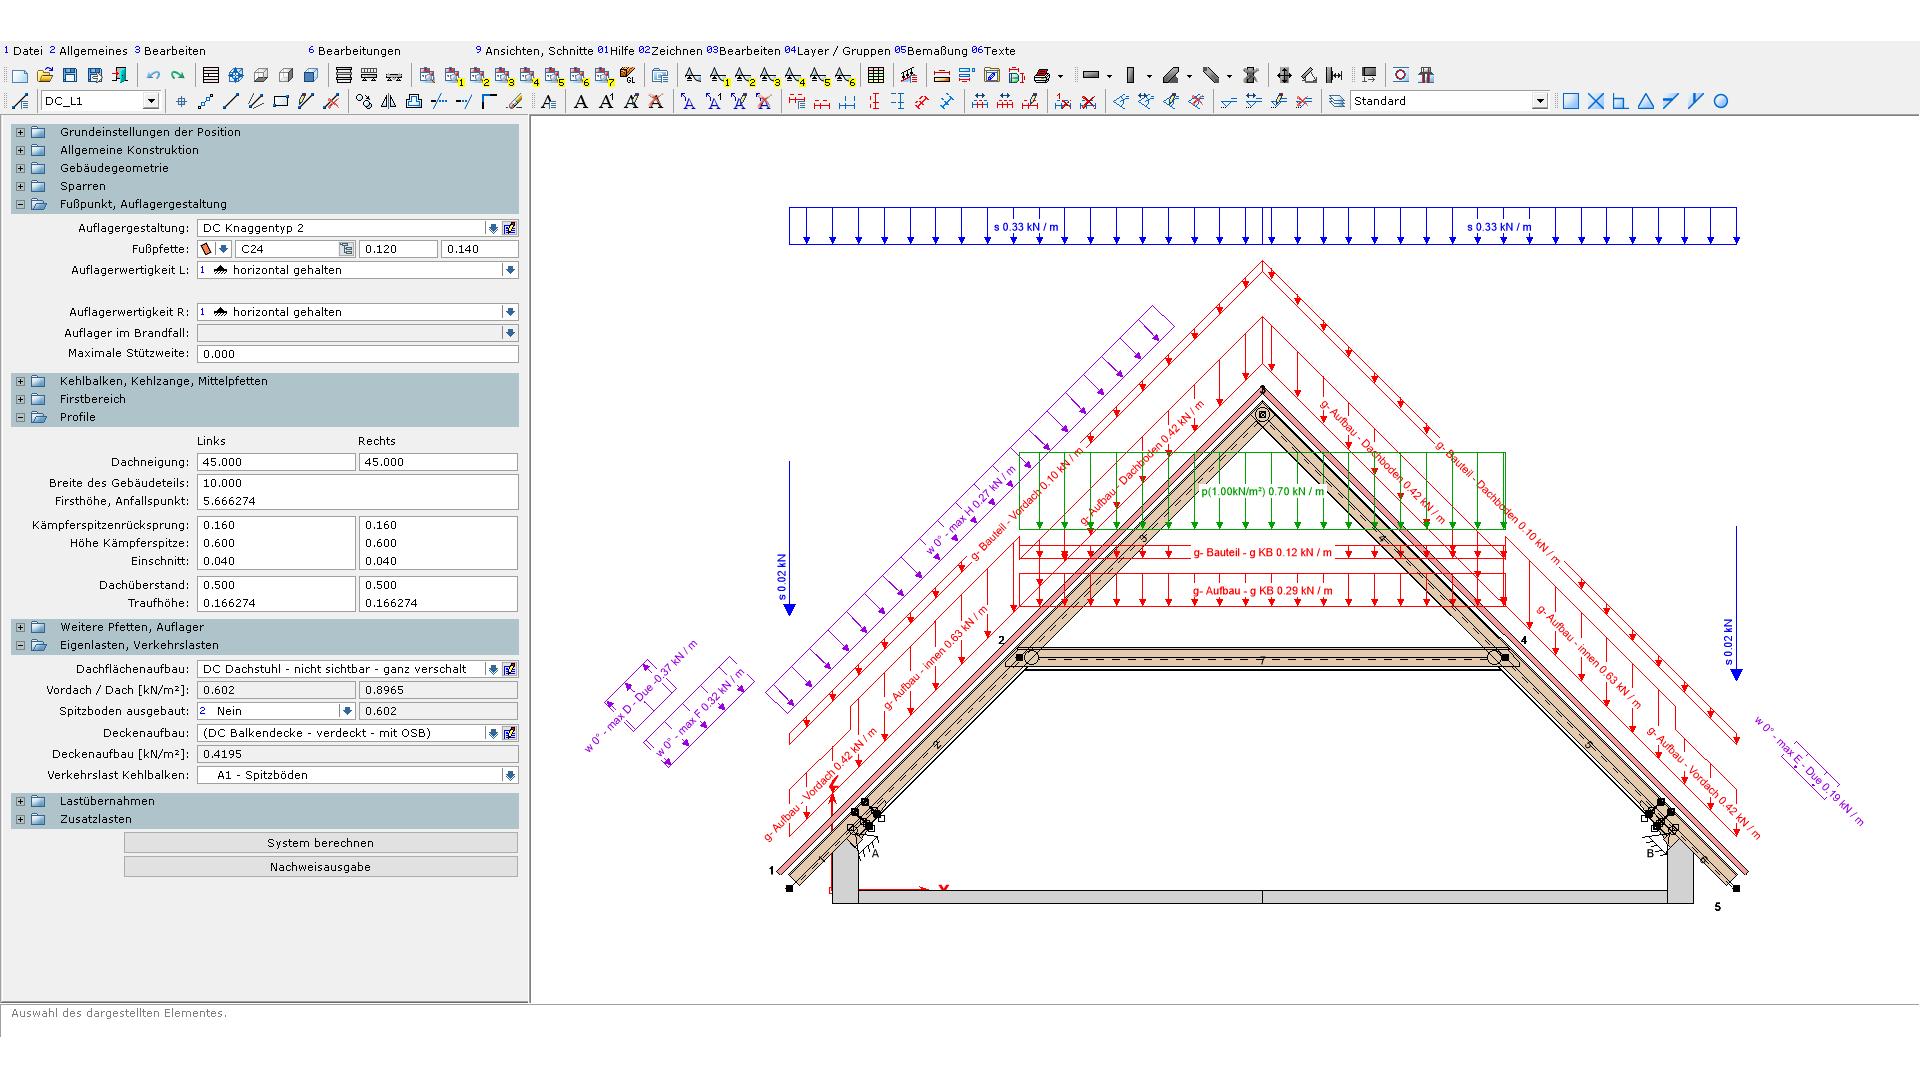 Extrem Dietrich's - Dachkonstruktionen WP67